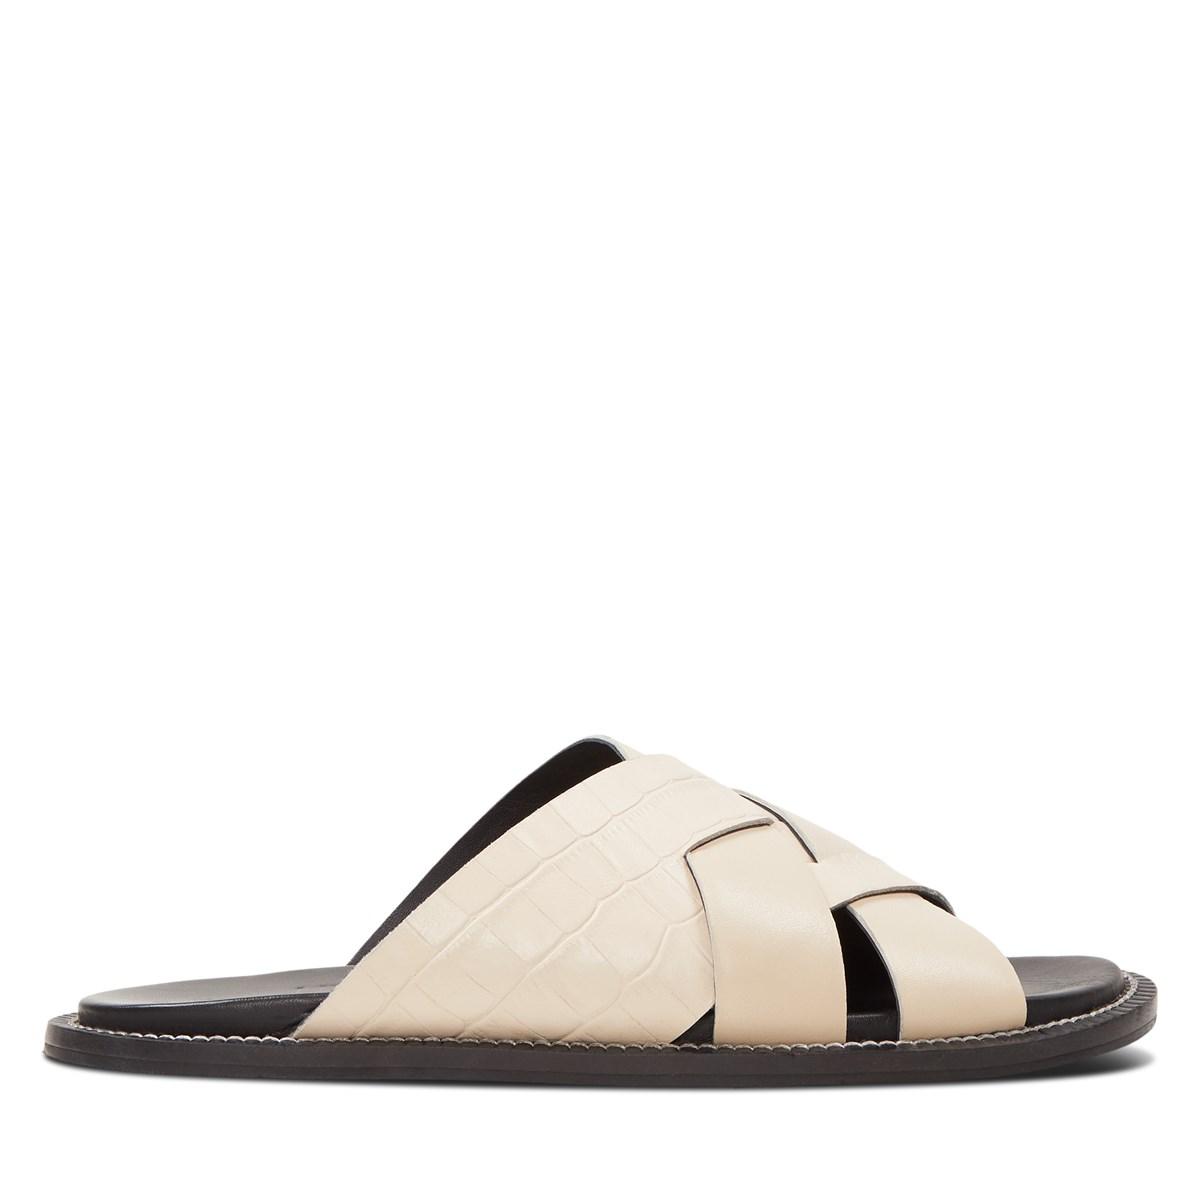 Women's Ivy Slip-On Sandals in Cream